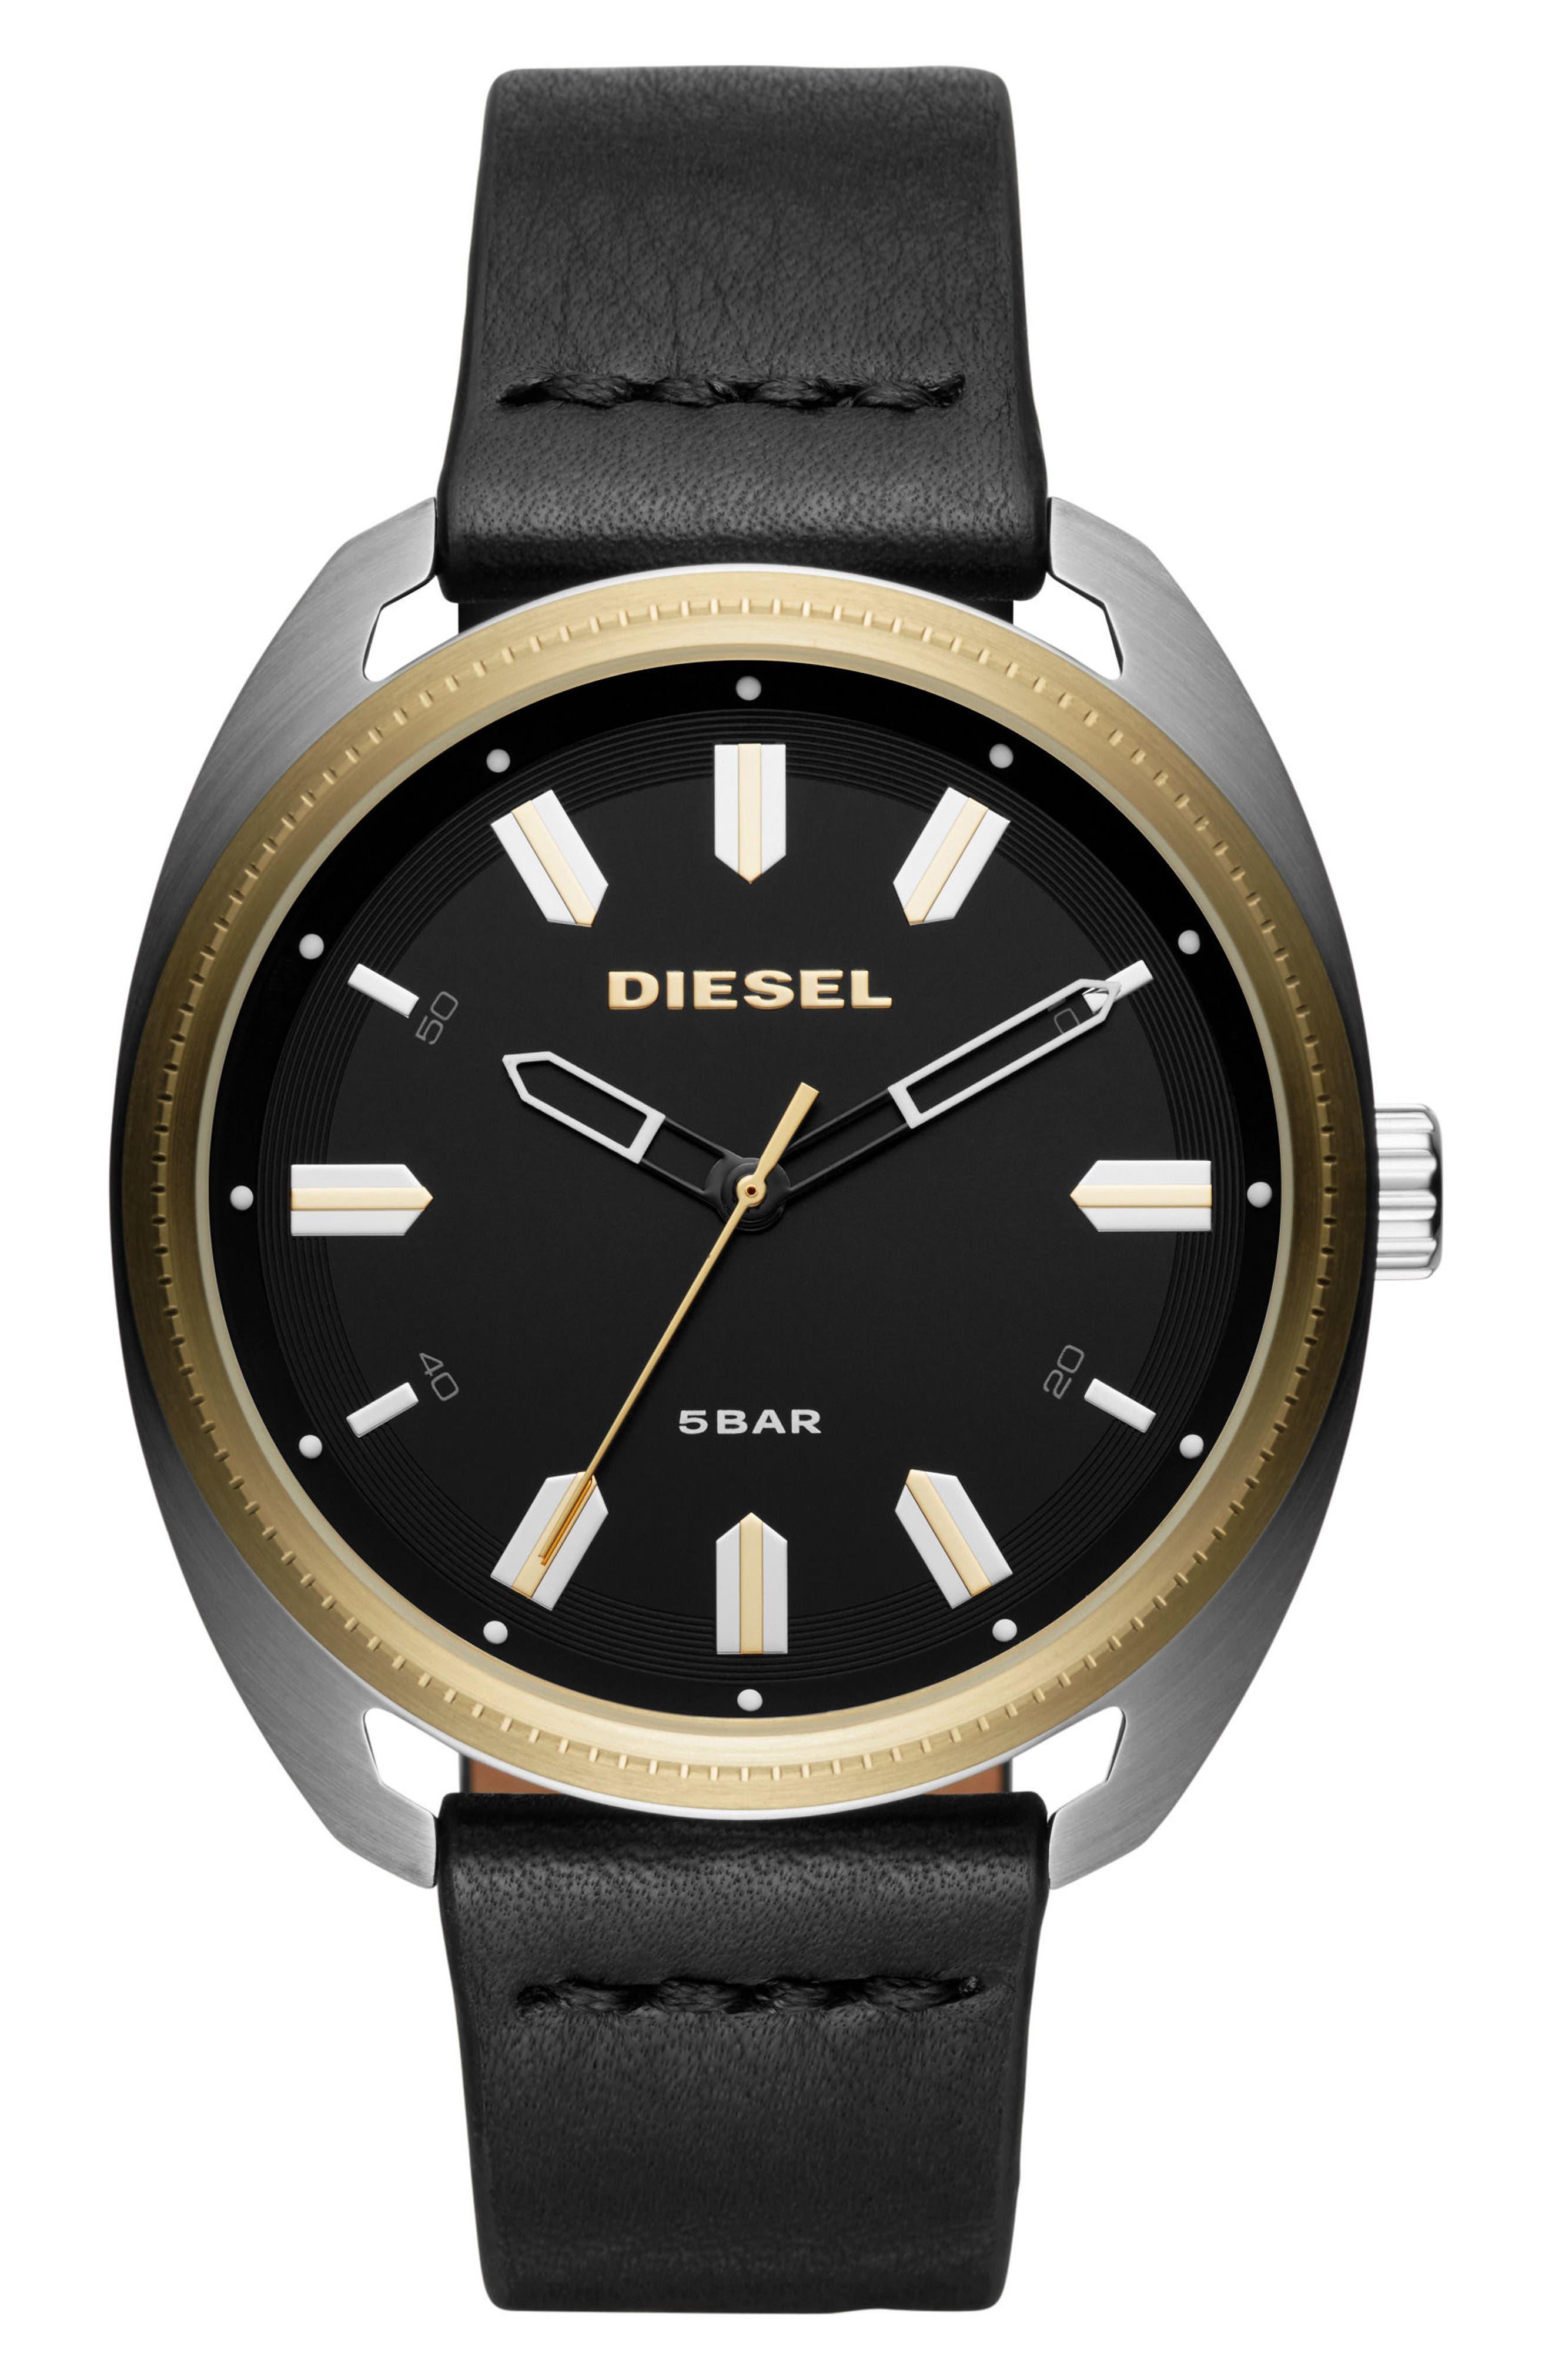 Main Image - DIESEL® Fastbak Leather Strap Watch, 45mm x 51mm